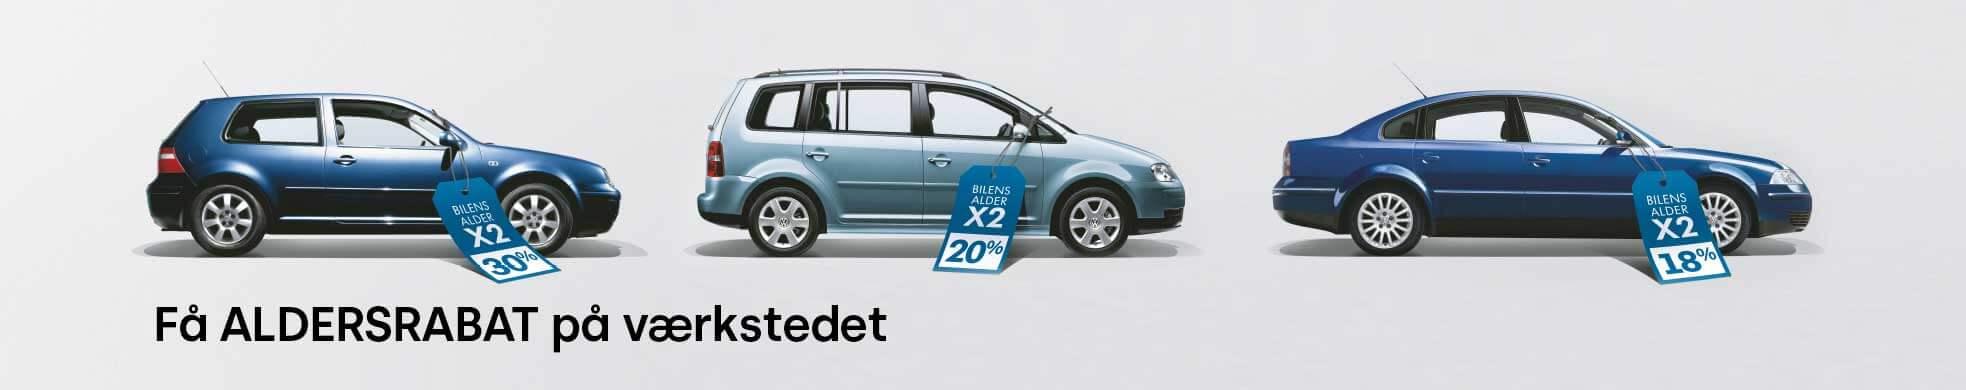 Volkswagen VW Aldersrabat Uggerhøj